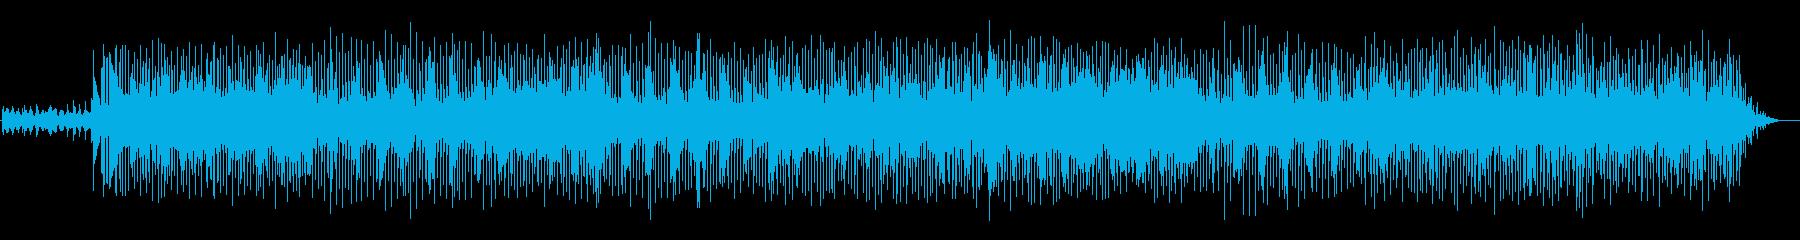 エレキギターが印象的なポップ・ロックの再生済みの波形